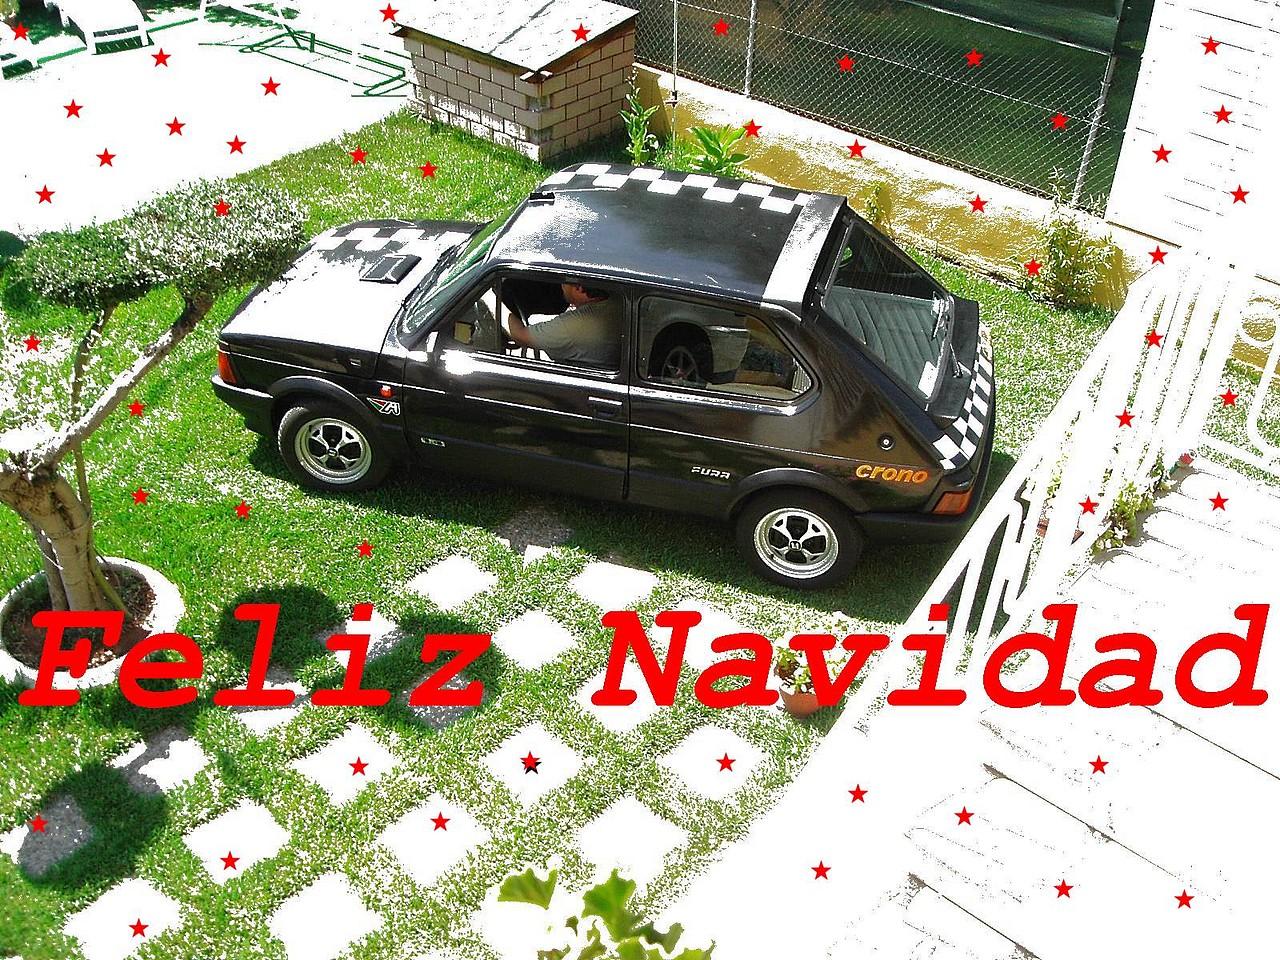 FORO DEL FURA CRONO - FELIZ NAVIDAD Y UN PROSPERO AÑO NUEVO 2013 ...